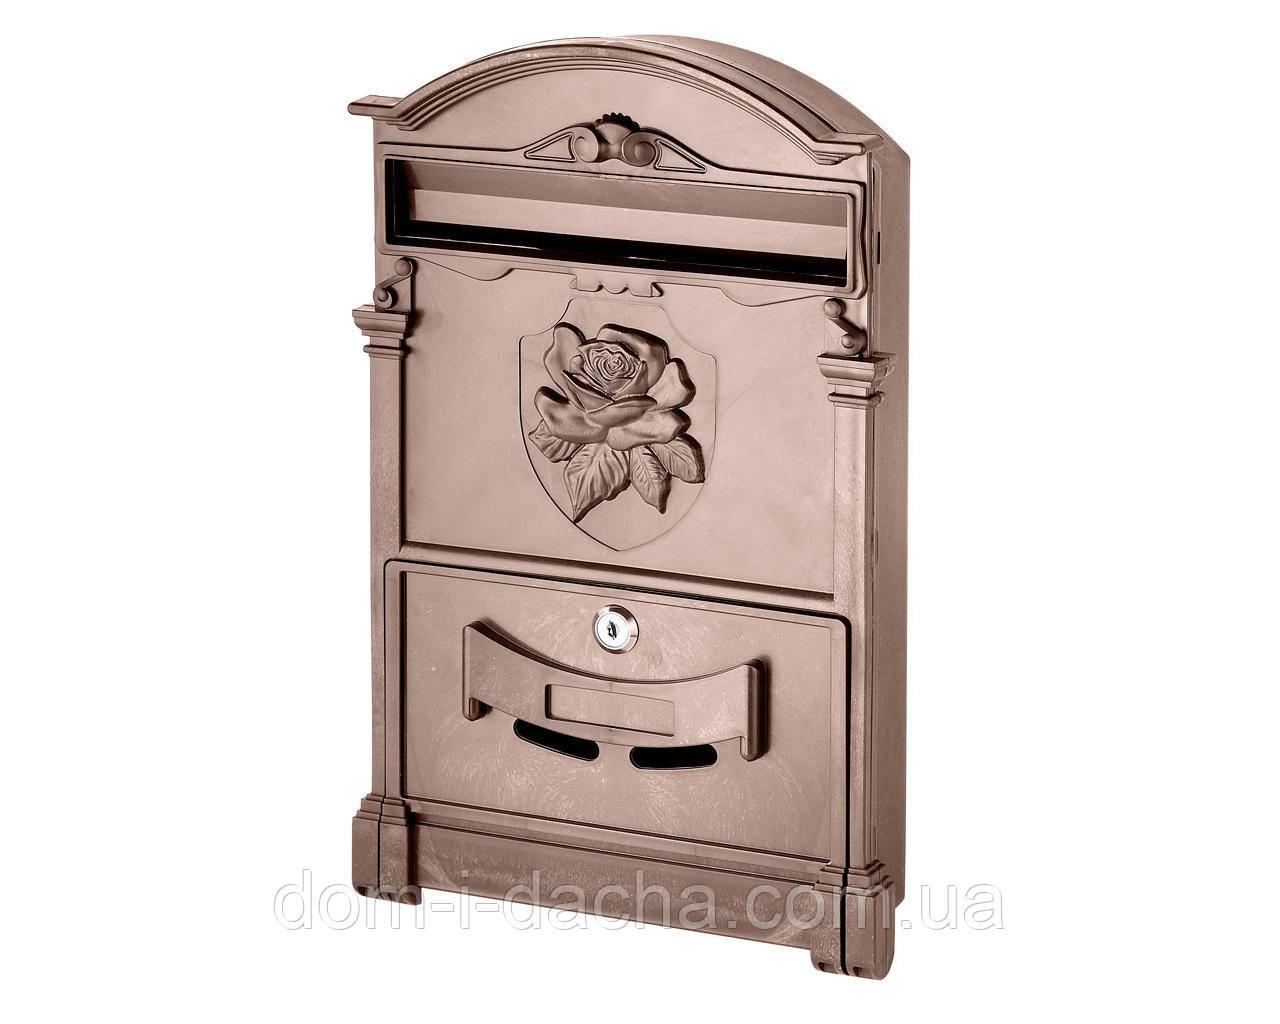 Почтовый ящик VITA коричневый Герб Роза